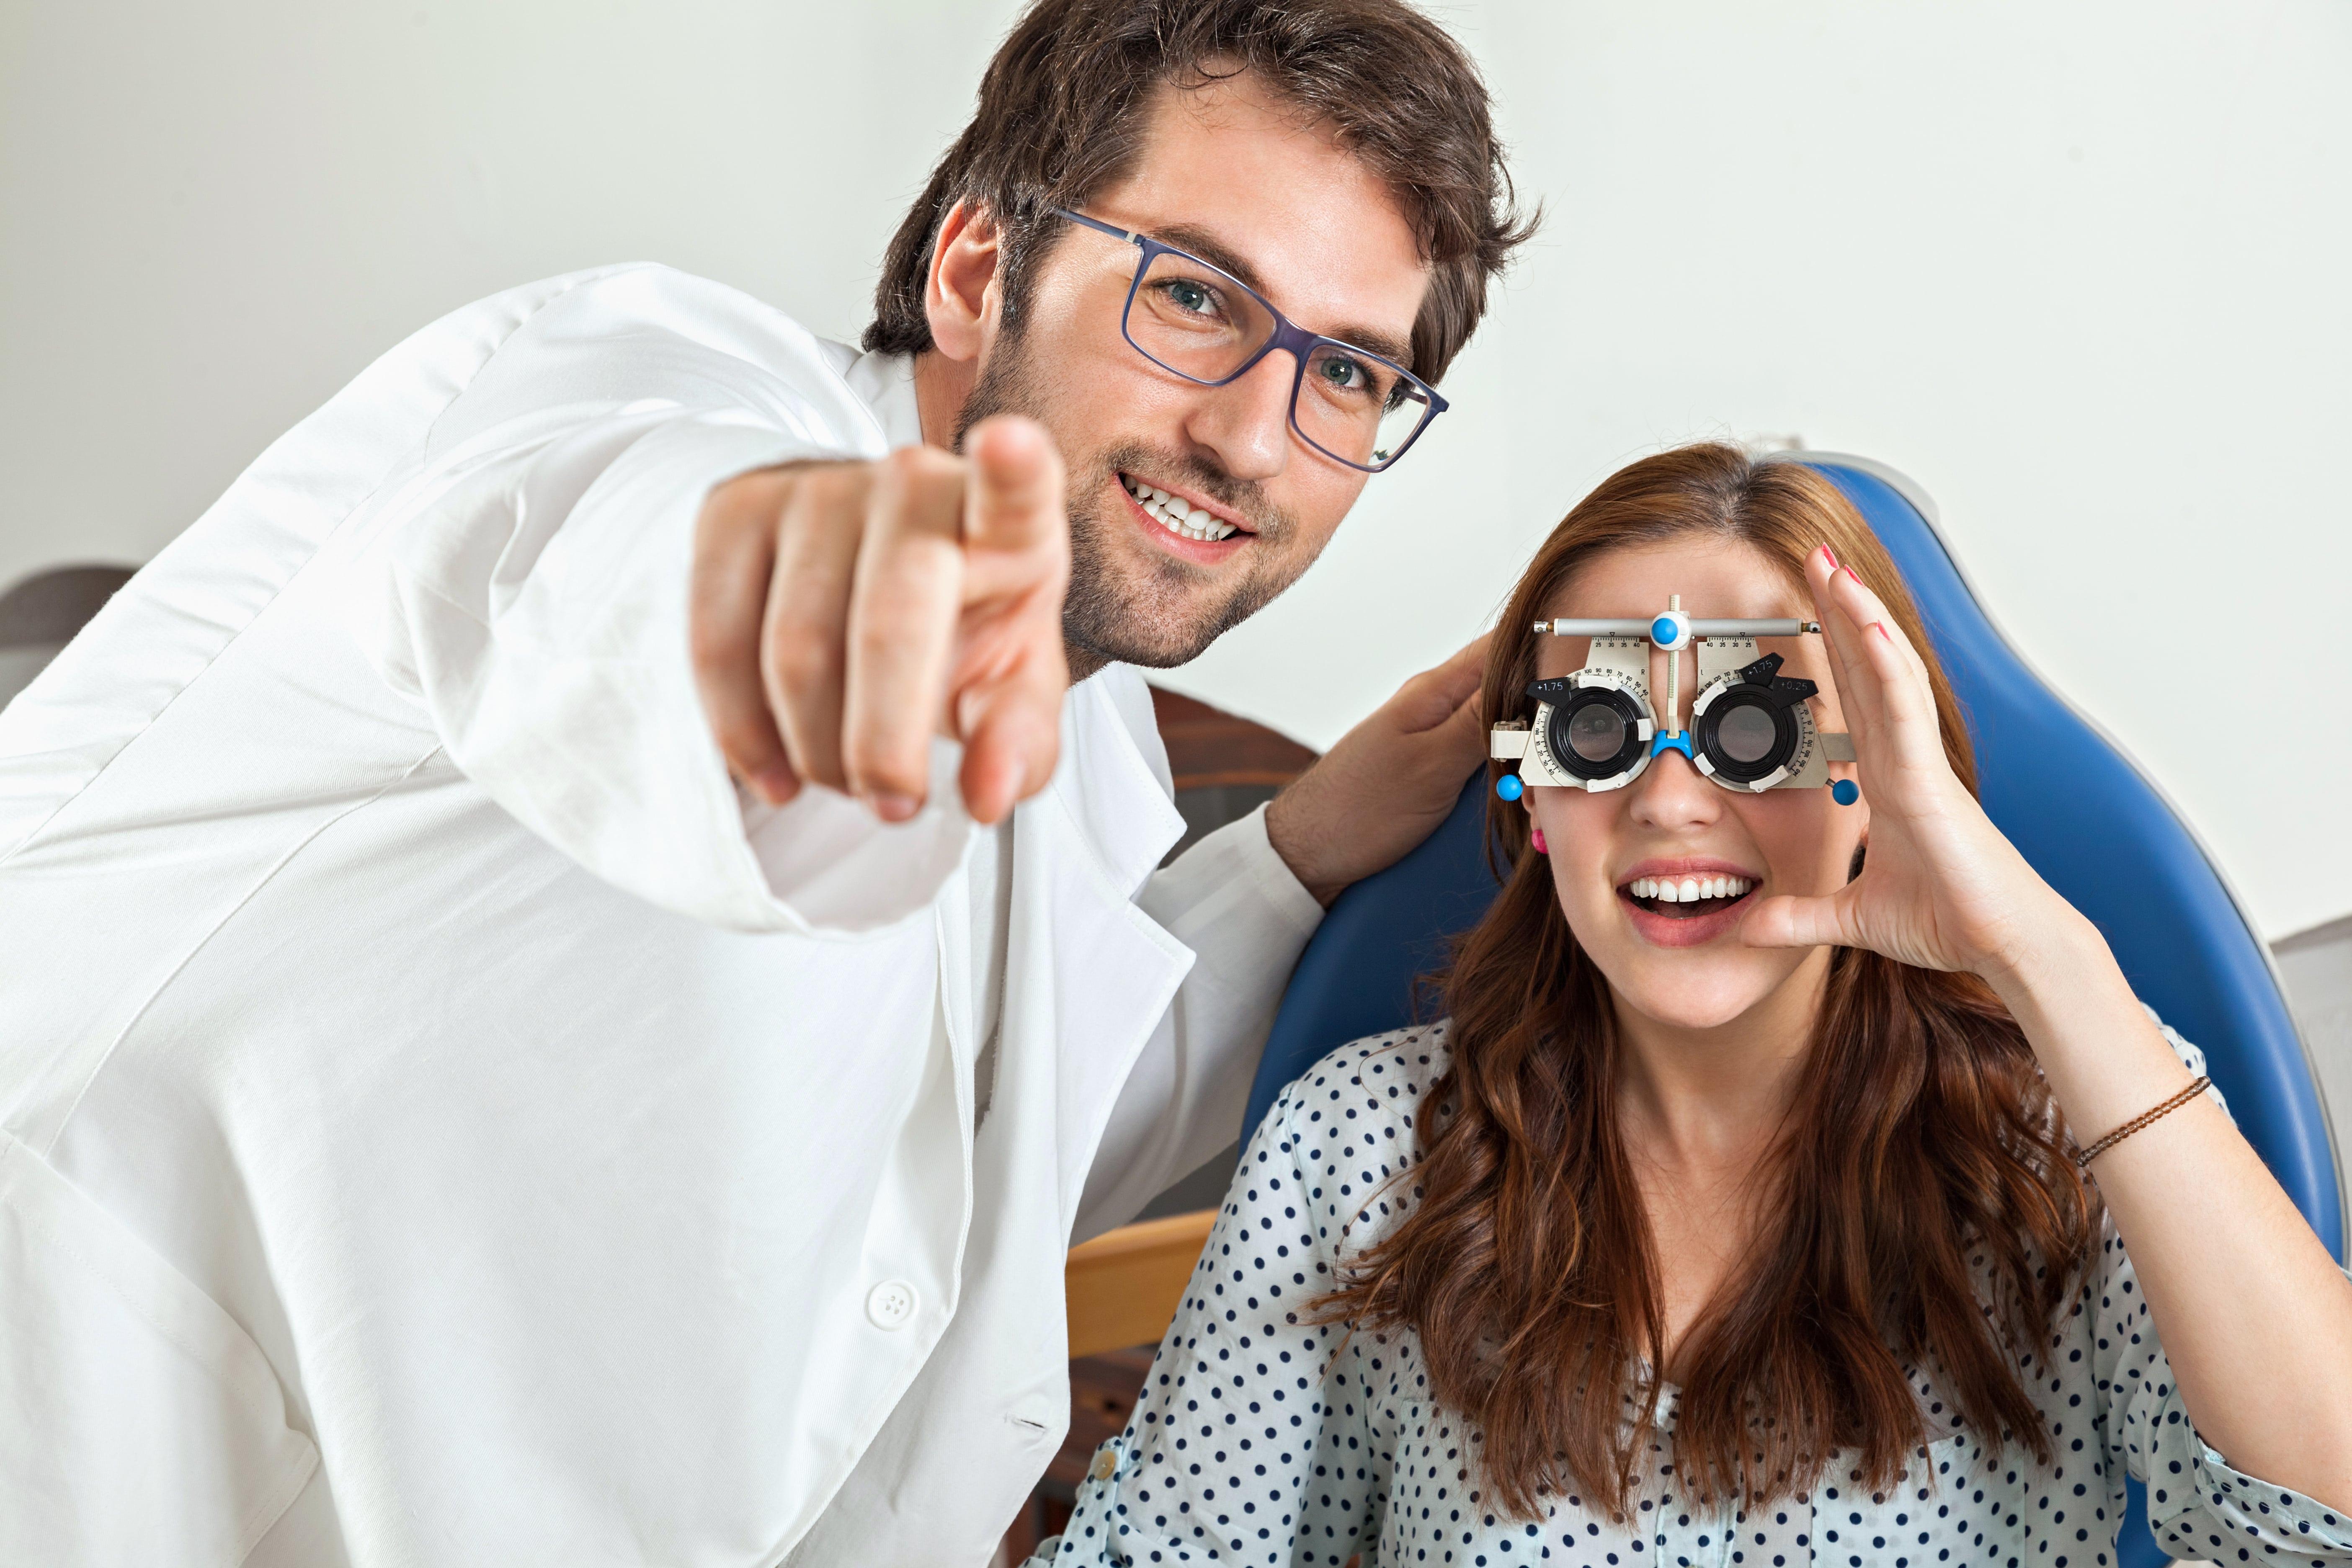 consultări medicale cu un oftalmolog oremus cum să restabiliți viziunea dvs.